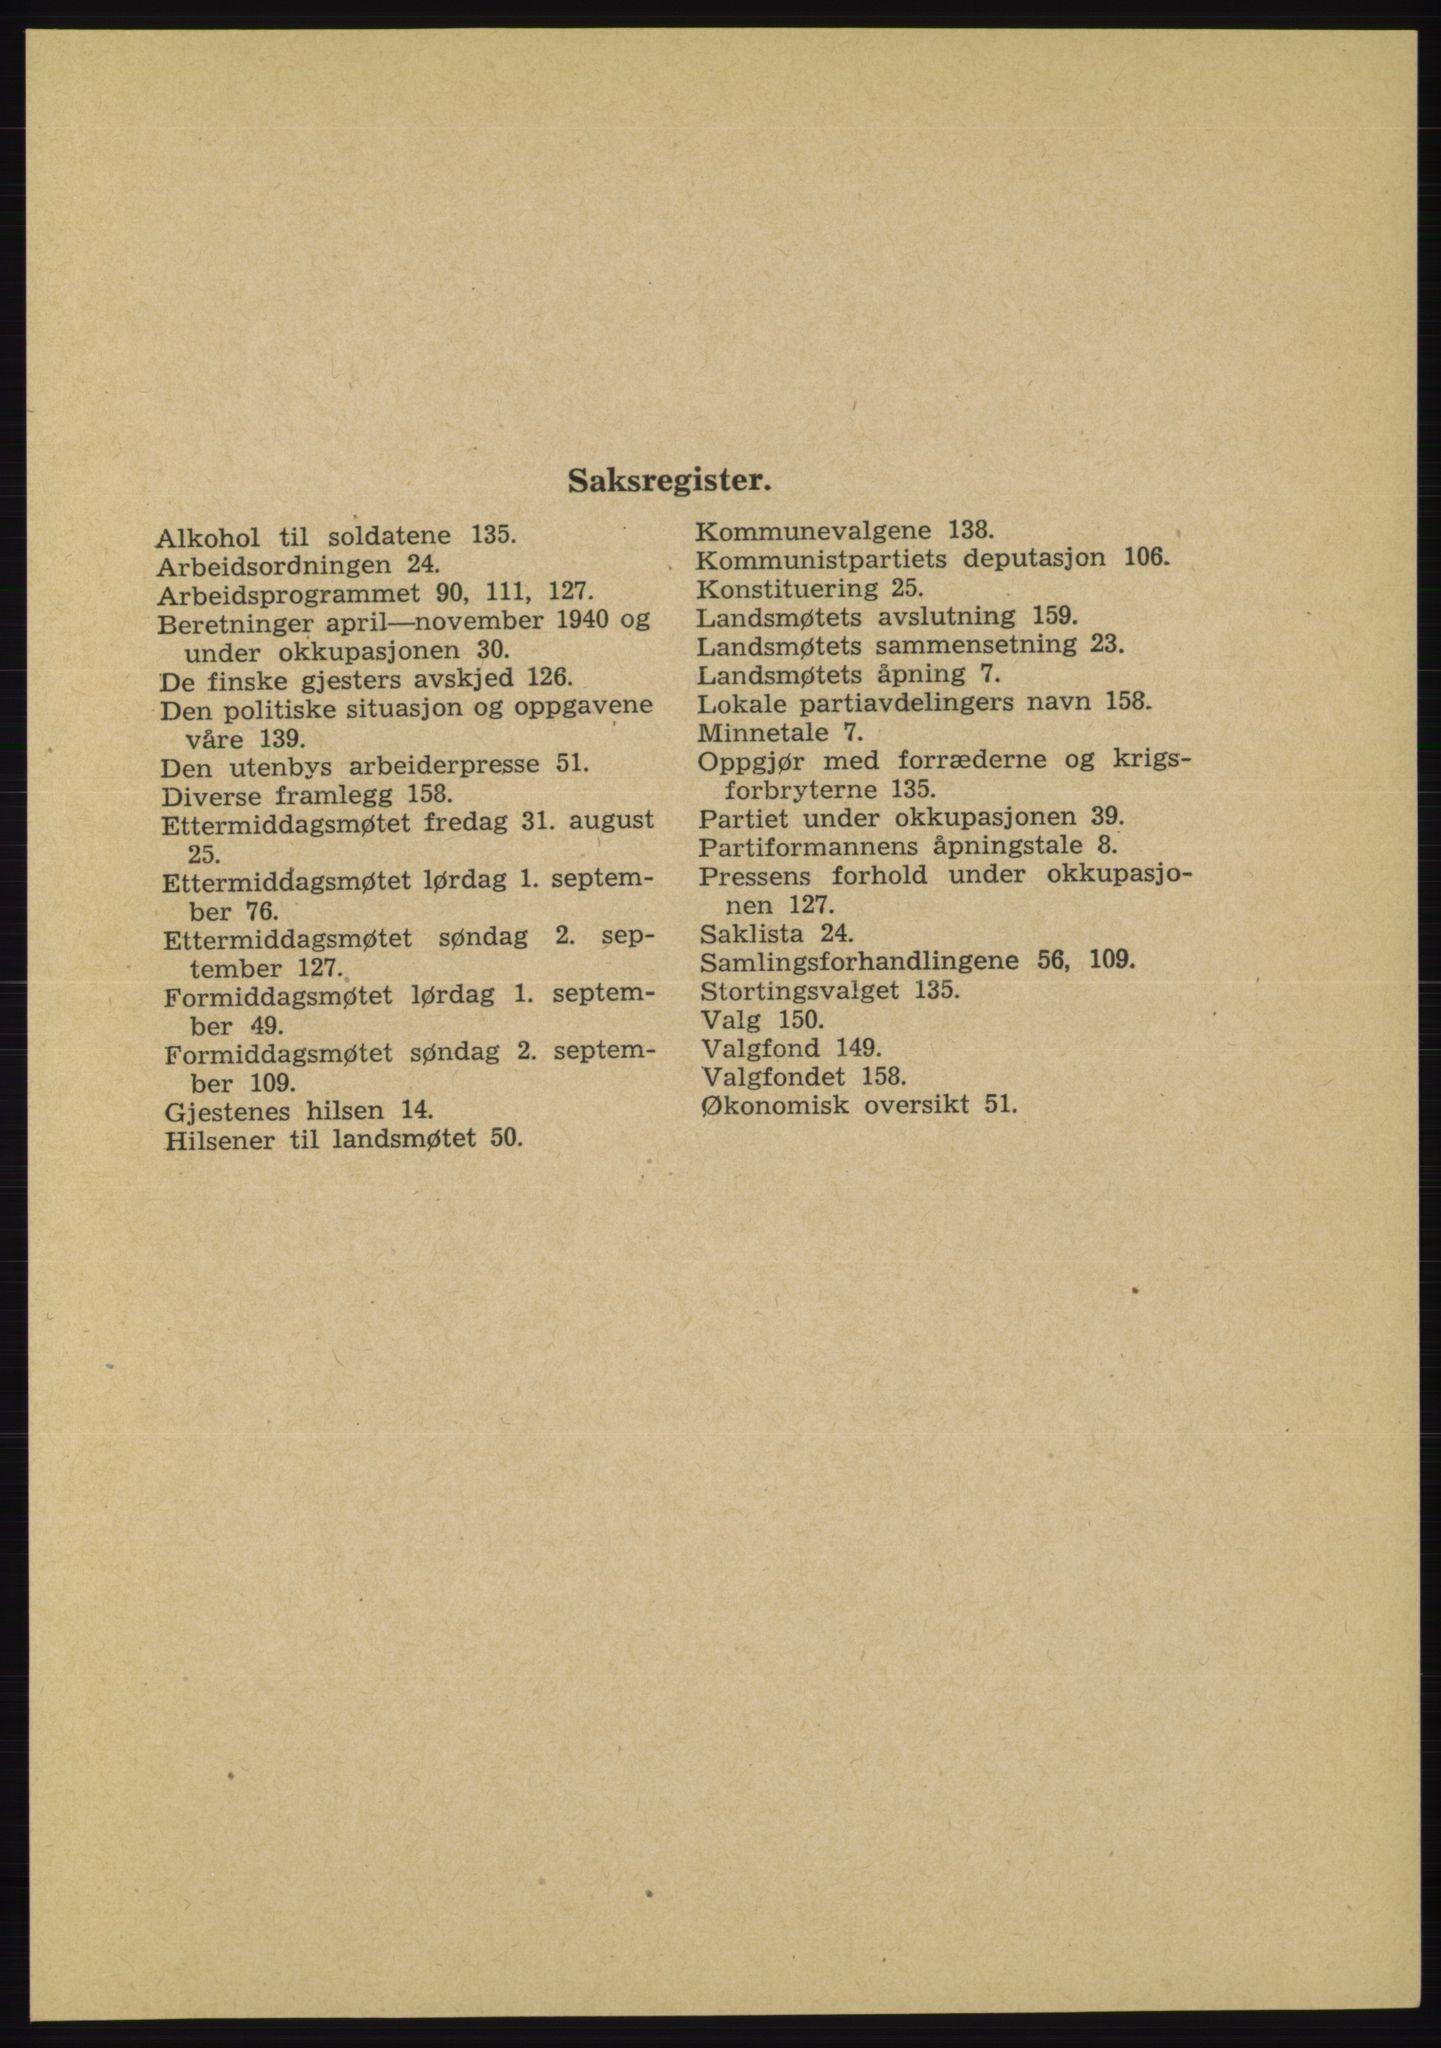 AAB, Det norske Arbeiderparti - publikasjoner, -/-: Protokoll over forhandlingene på landsmøtet 31. august og 1.-2. september 1945, 1945